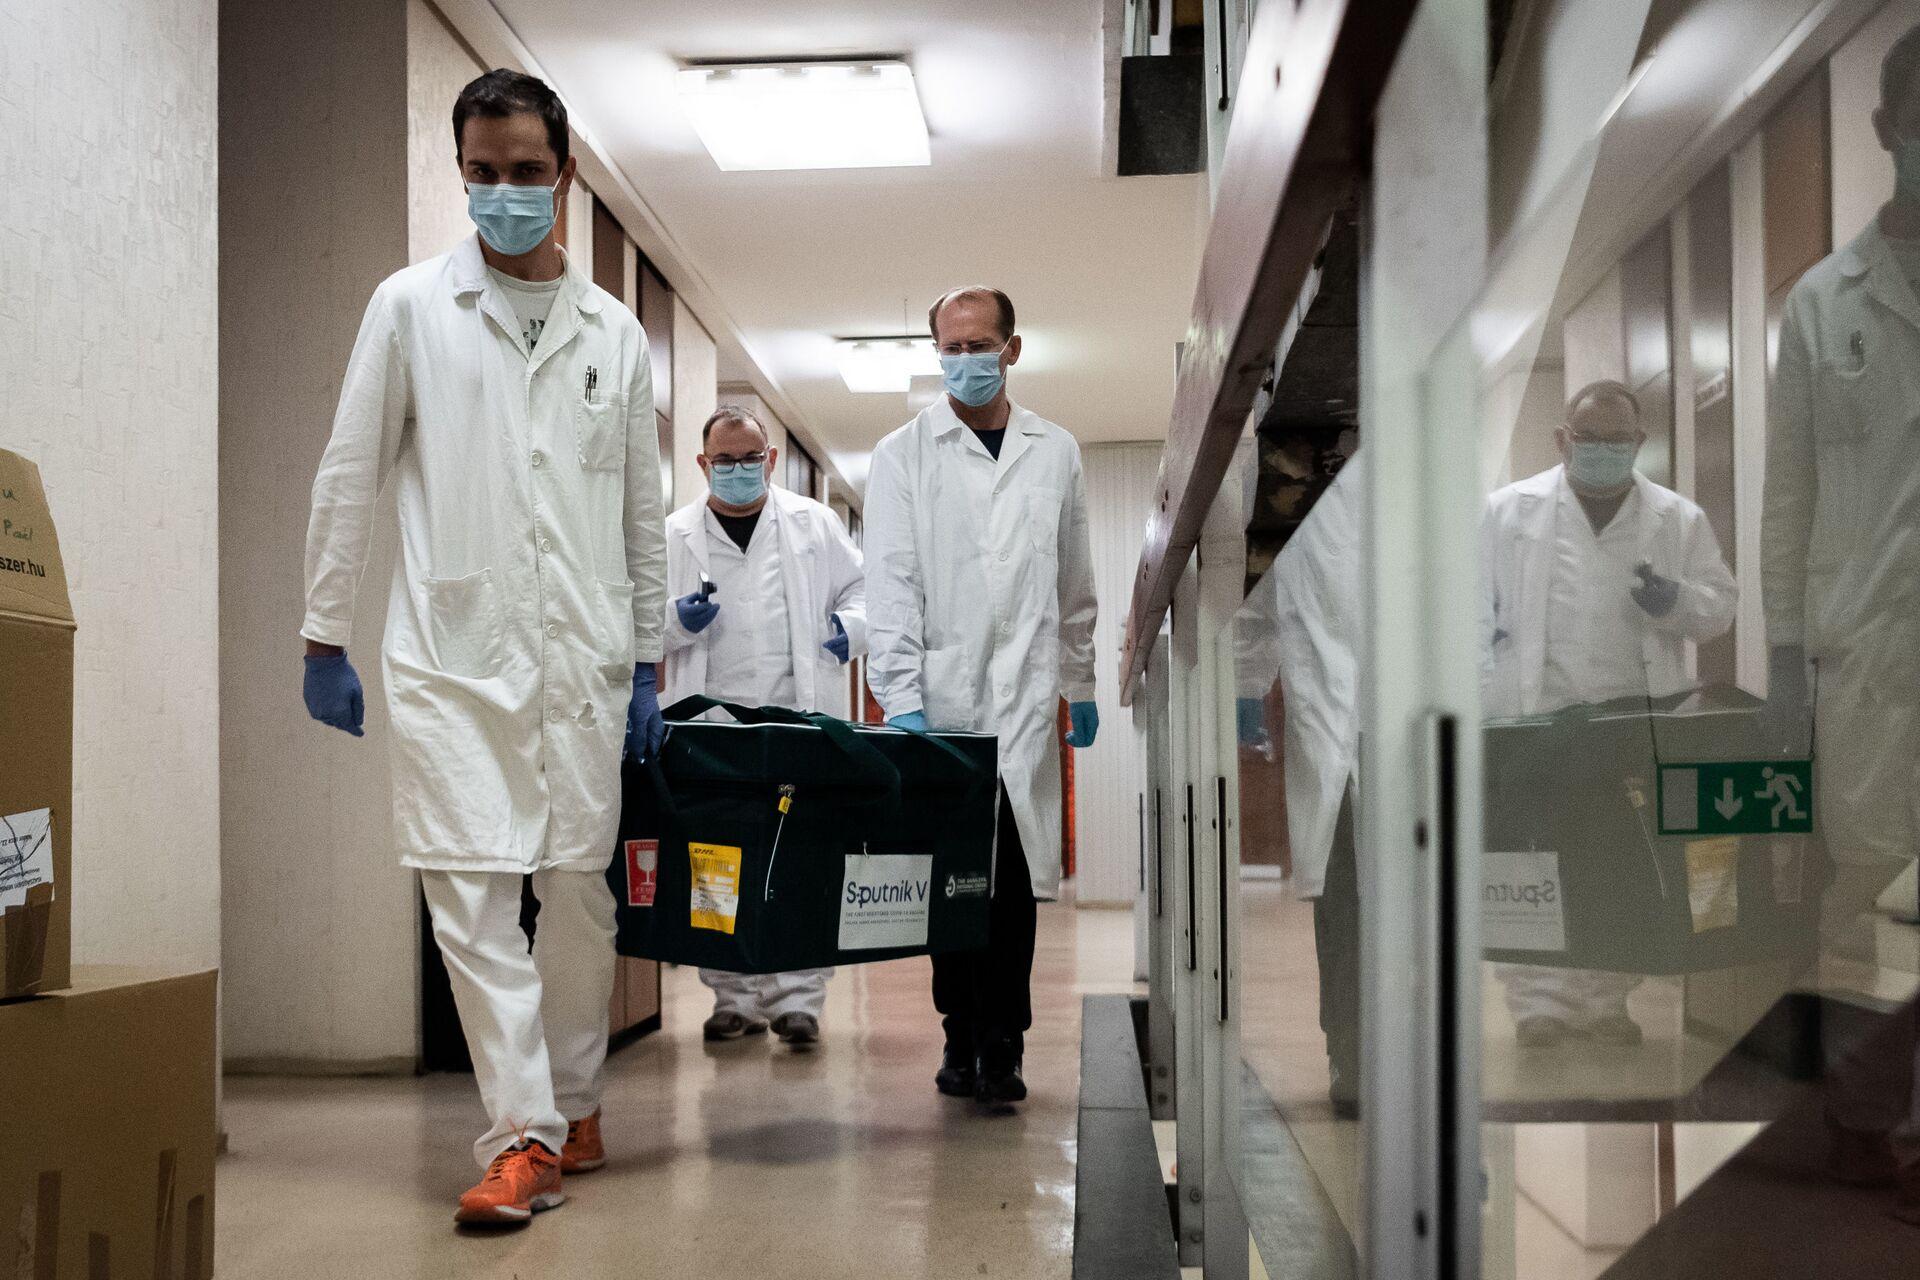 Bahrain approva l'utilizzo di emergenza del vaccino russo anti-Covid Sputnik V - Sputnik Italia, 1920, 10.02.2021